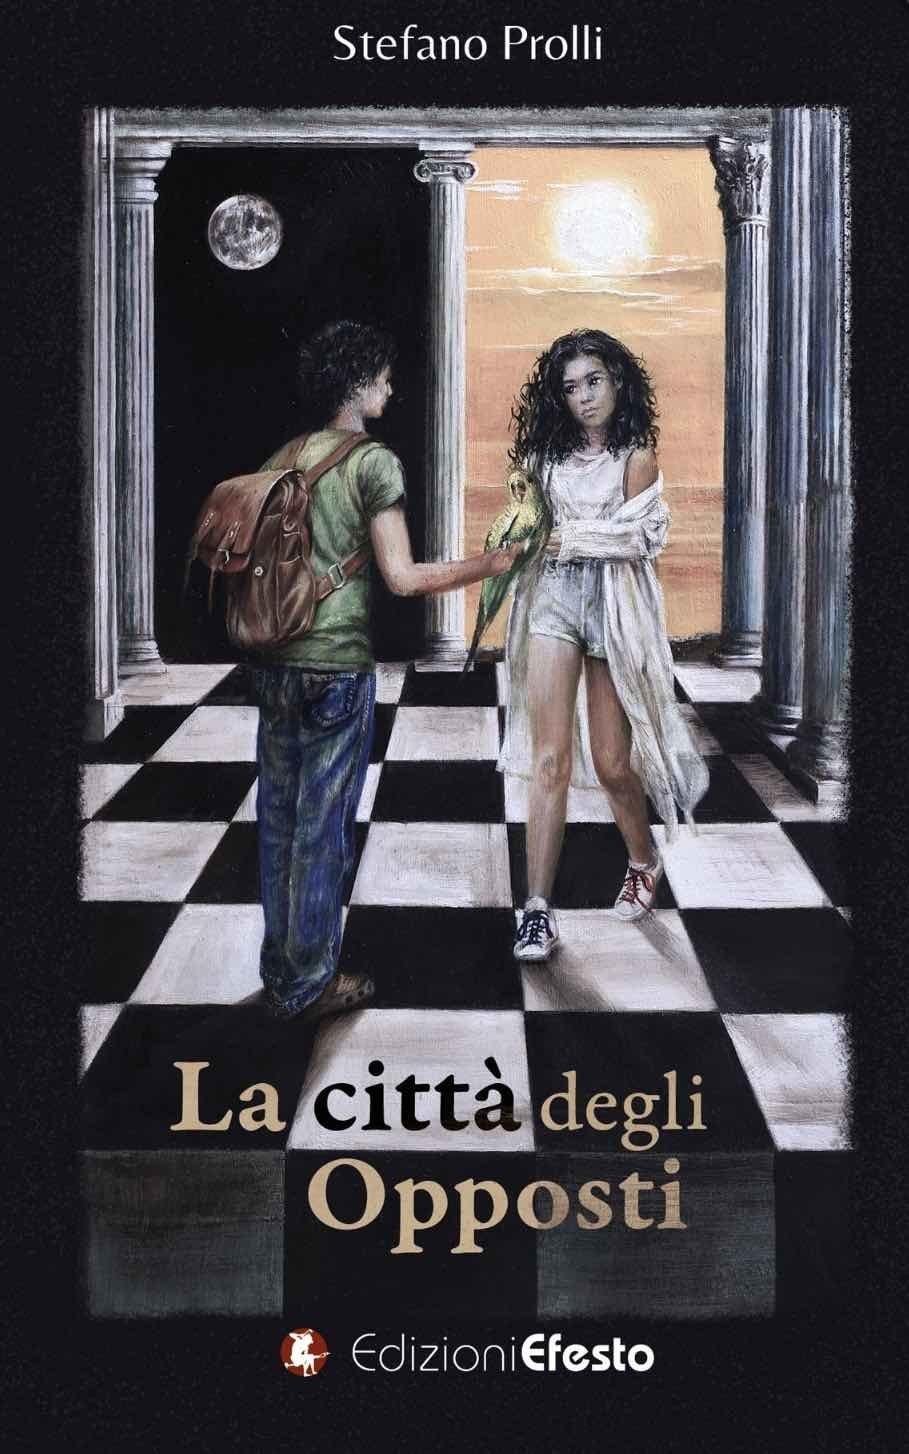 Stefano Prolli, la copertina del suo libro la città degli opposti